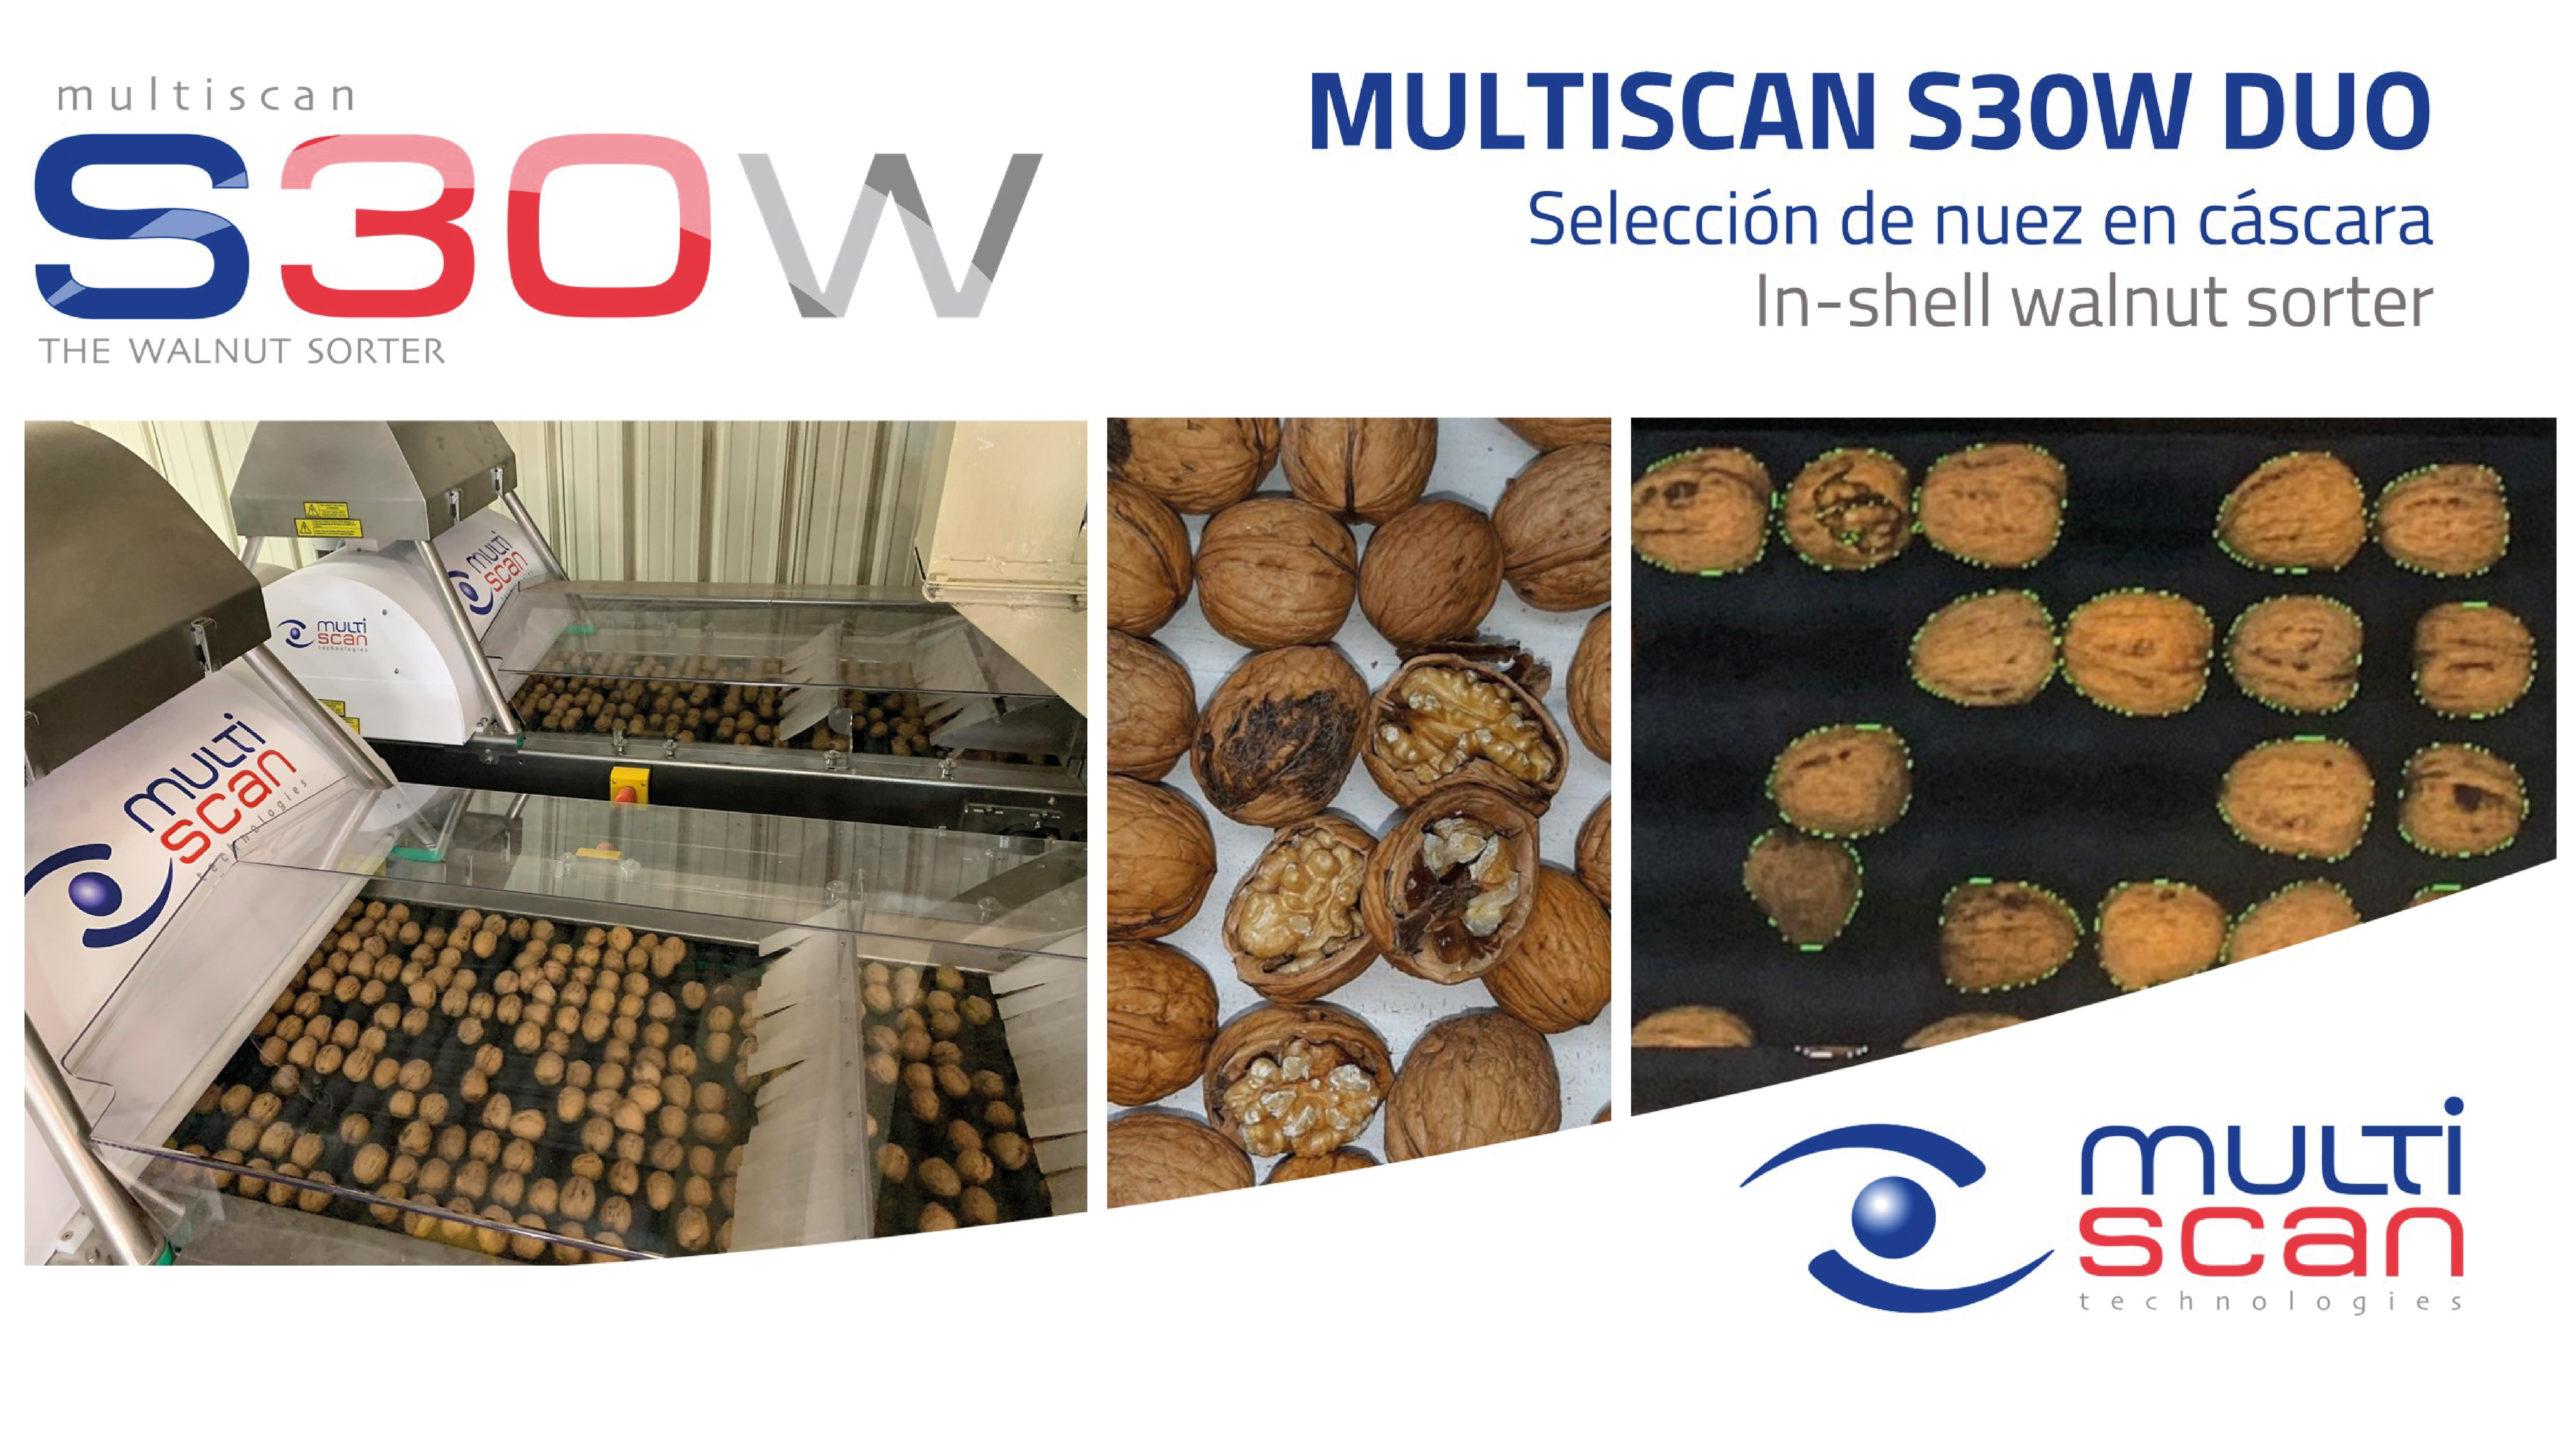 Multiscan S30W DUO, selección de nuez en cáscara